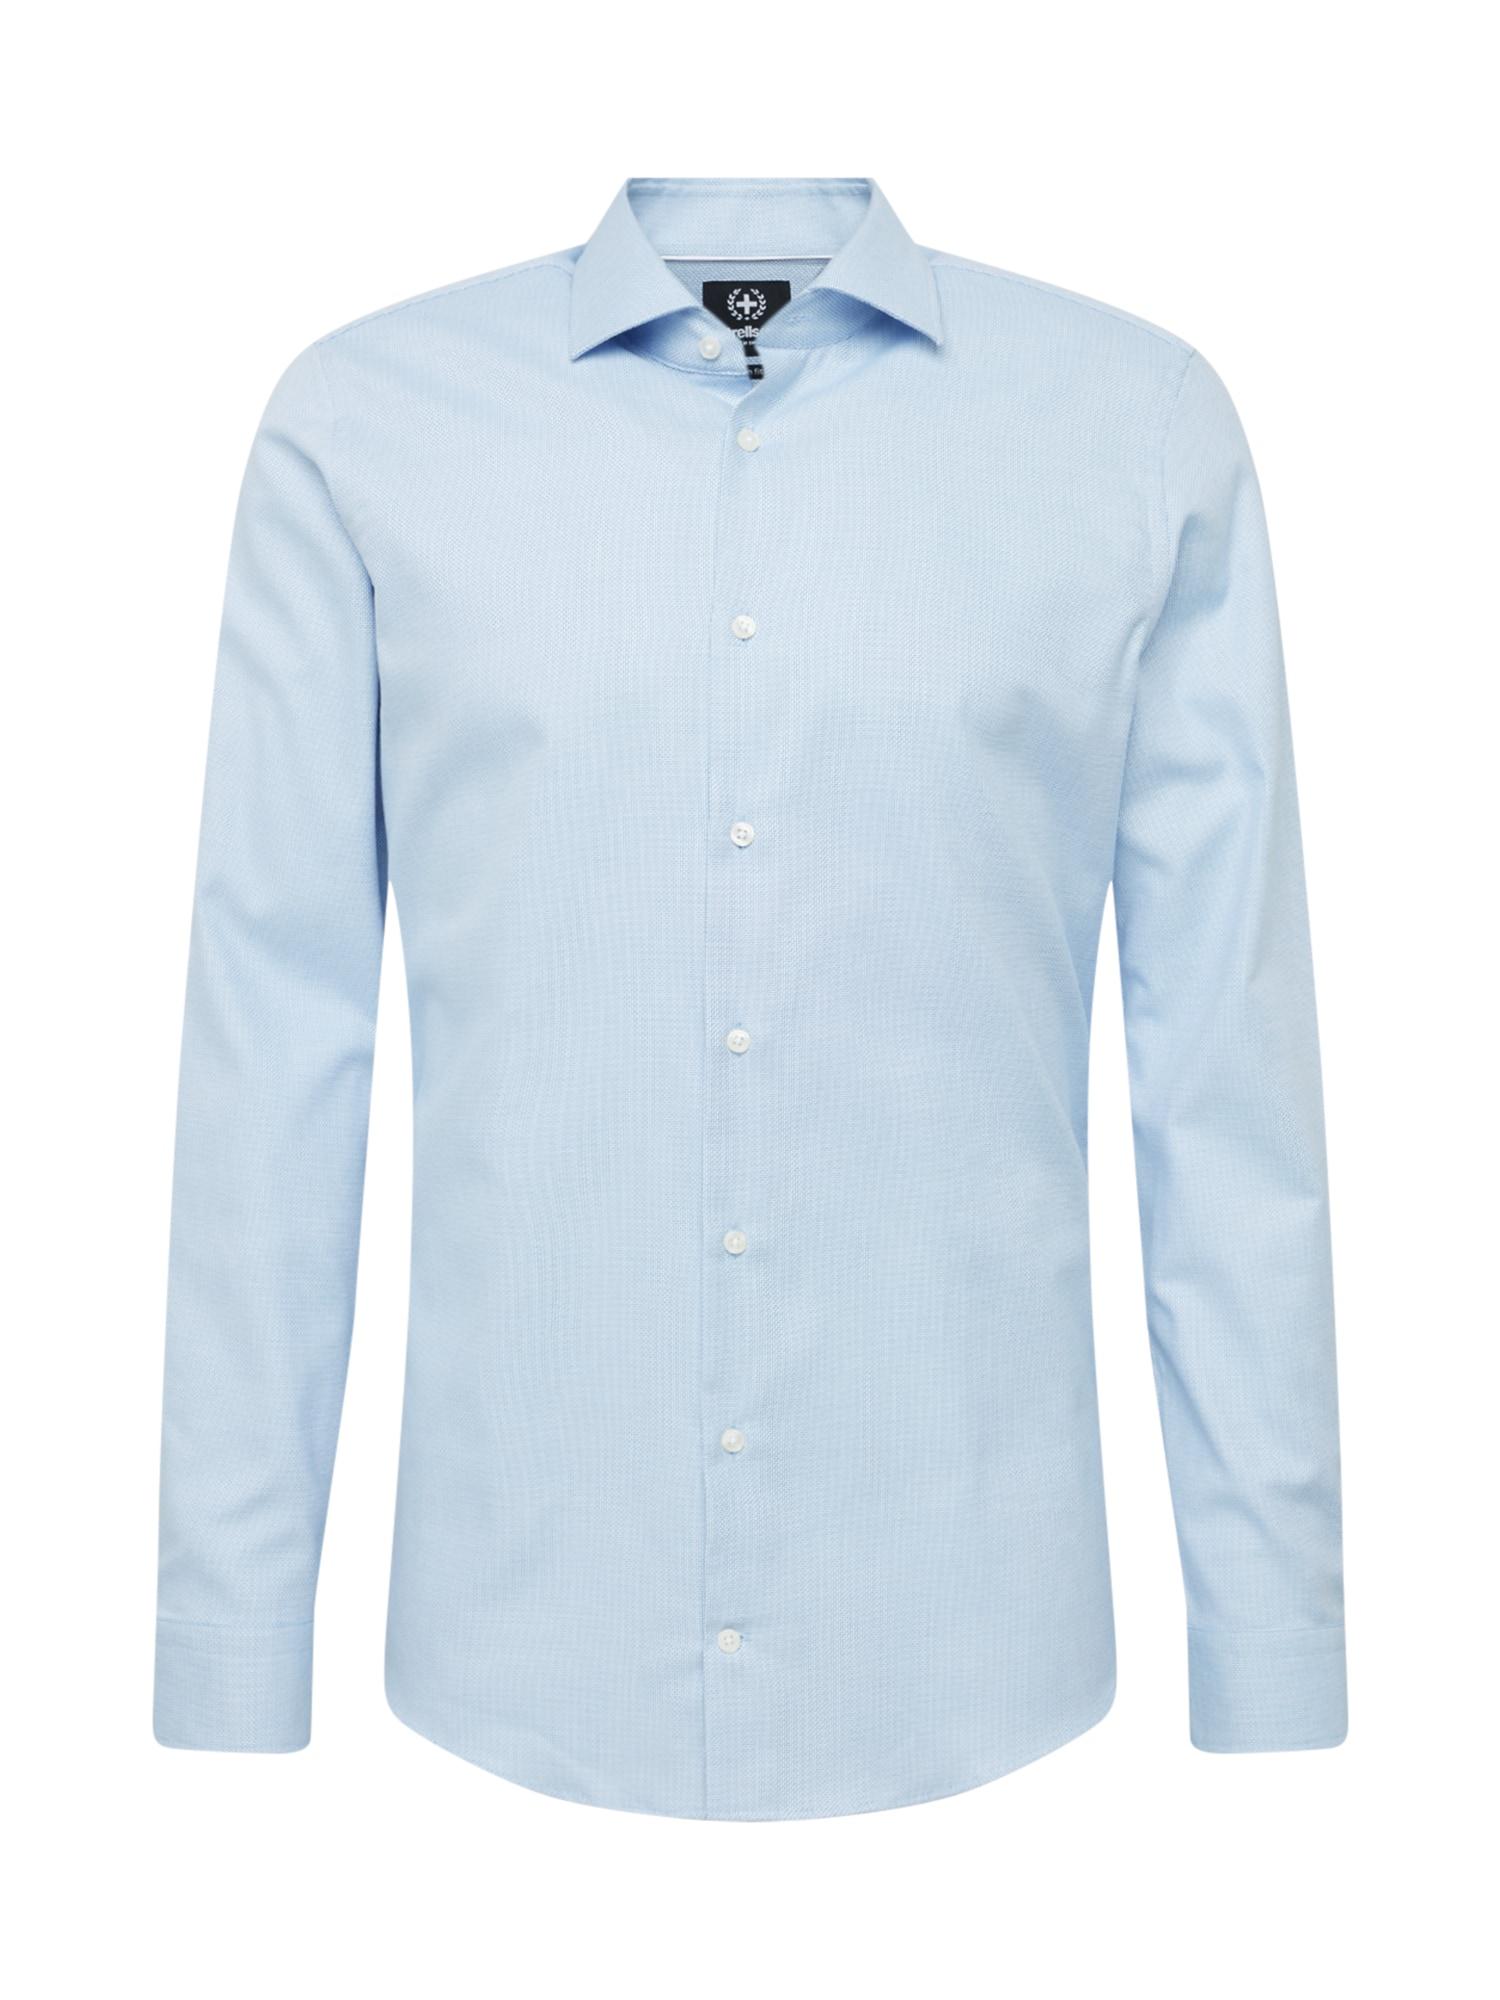 STRELLSON Dalykinio stiliaus marškiniai